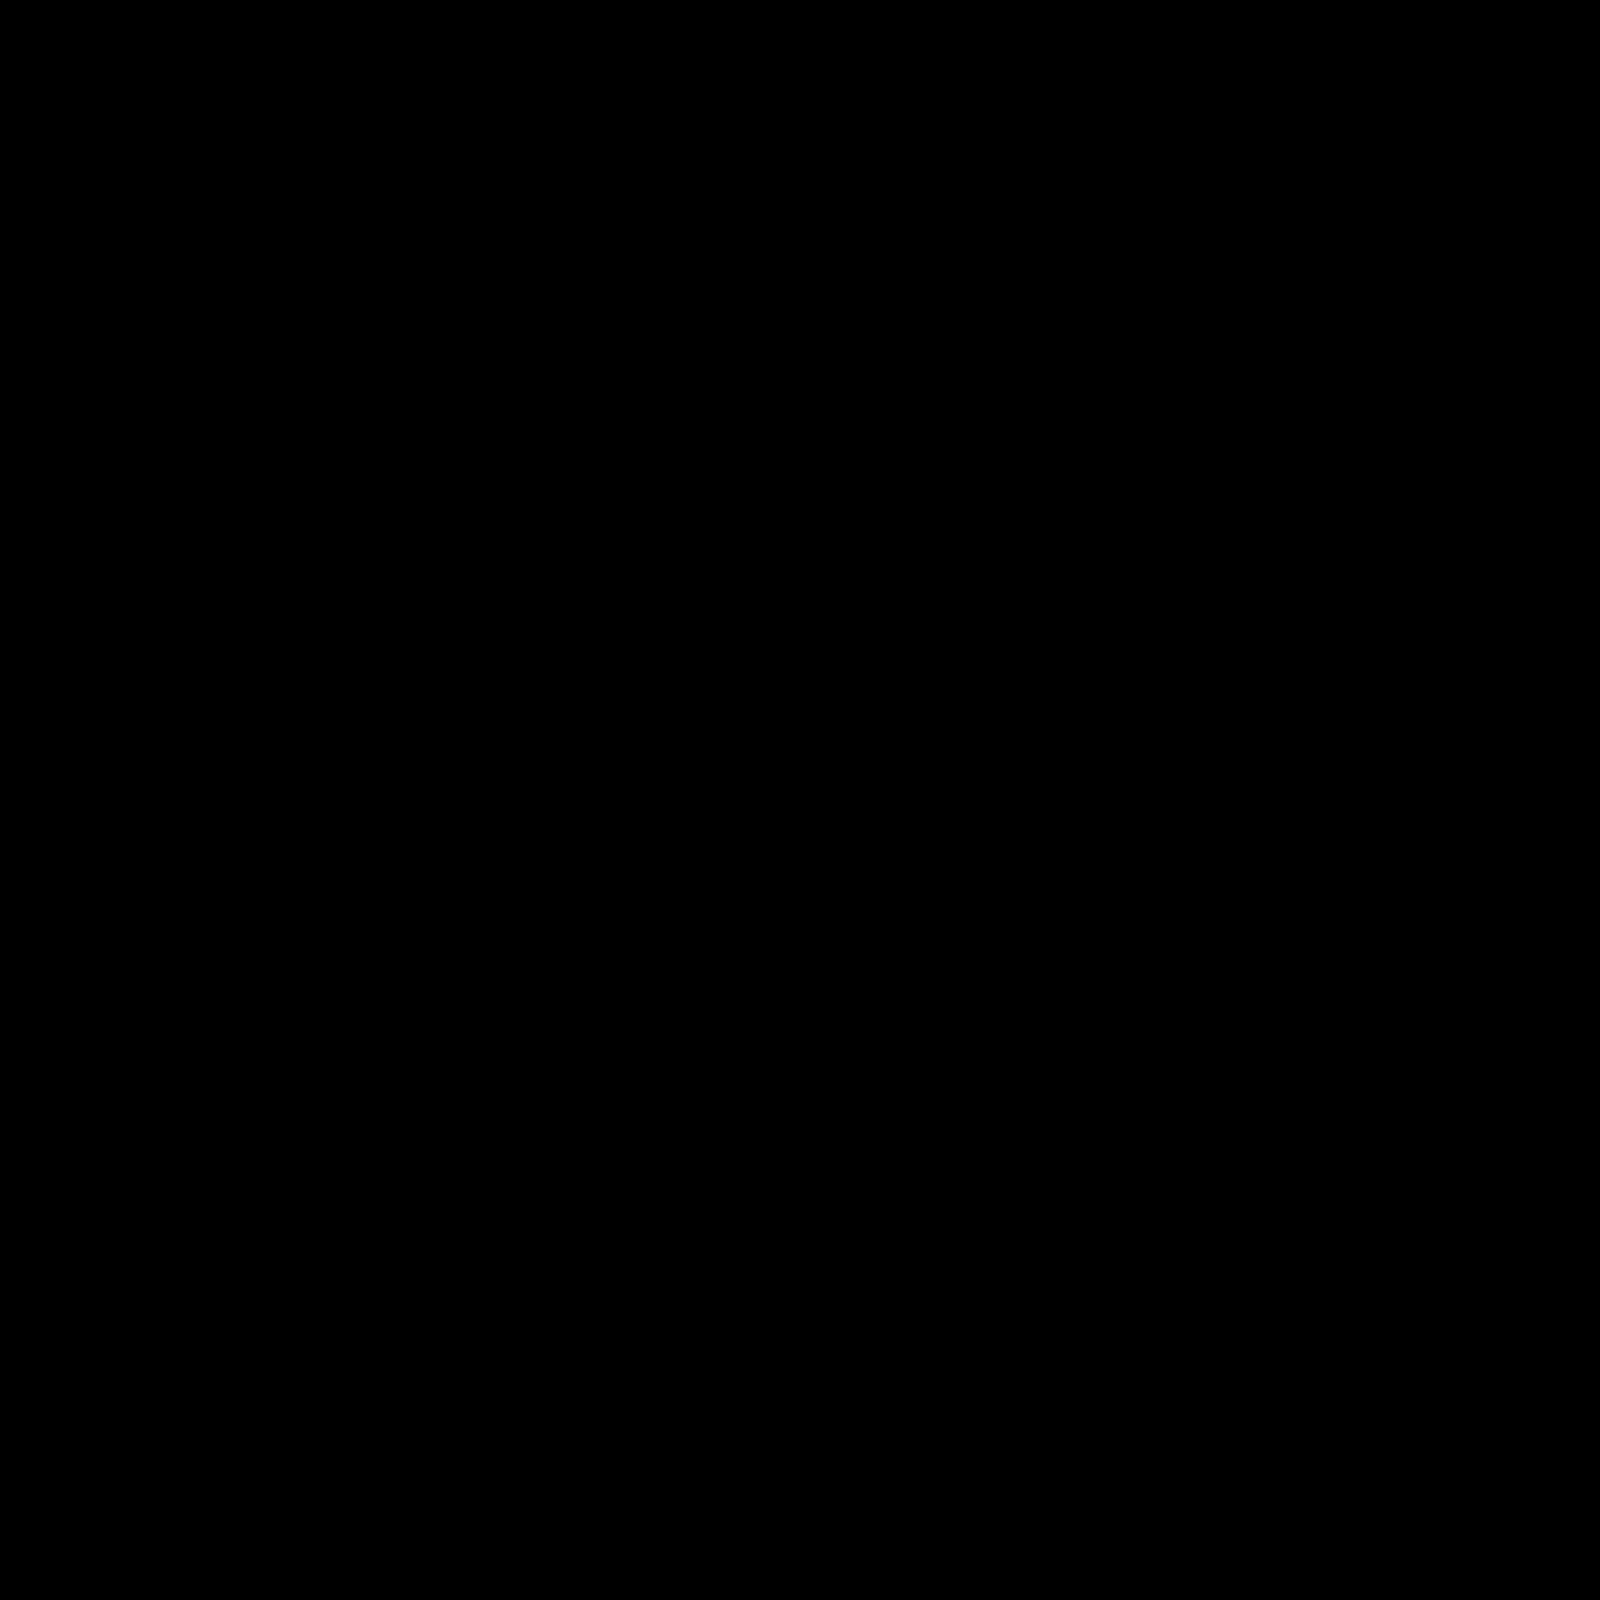 セールショップファイナンス金融お支払いショッピング10 icon